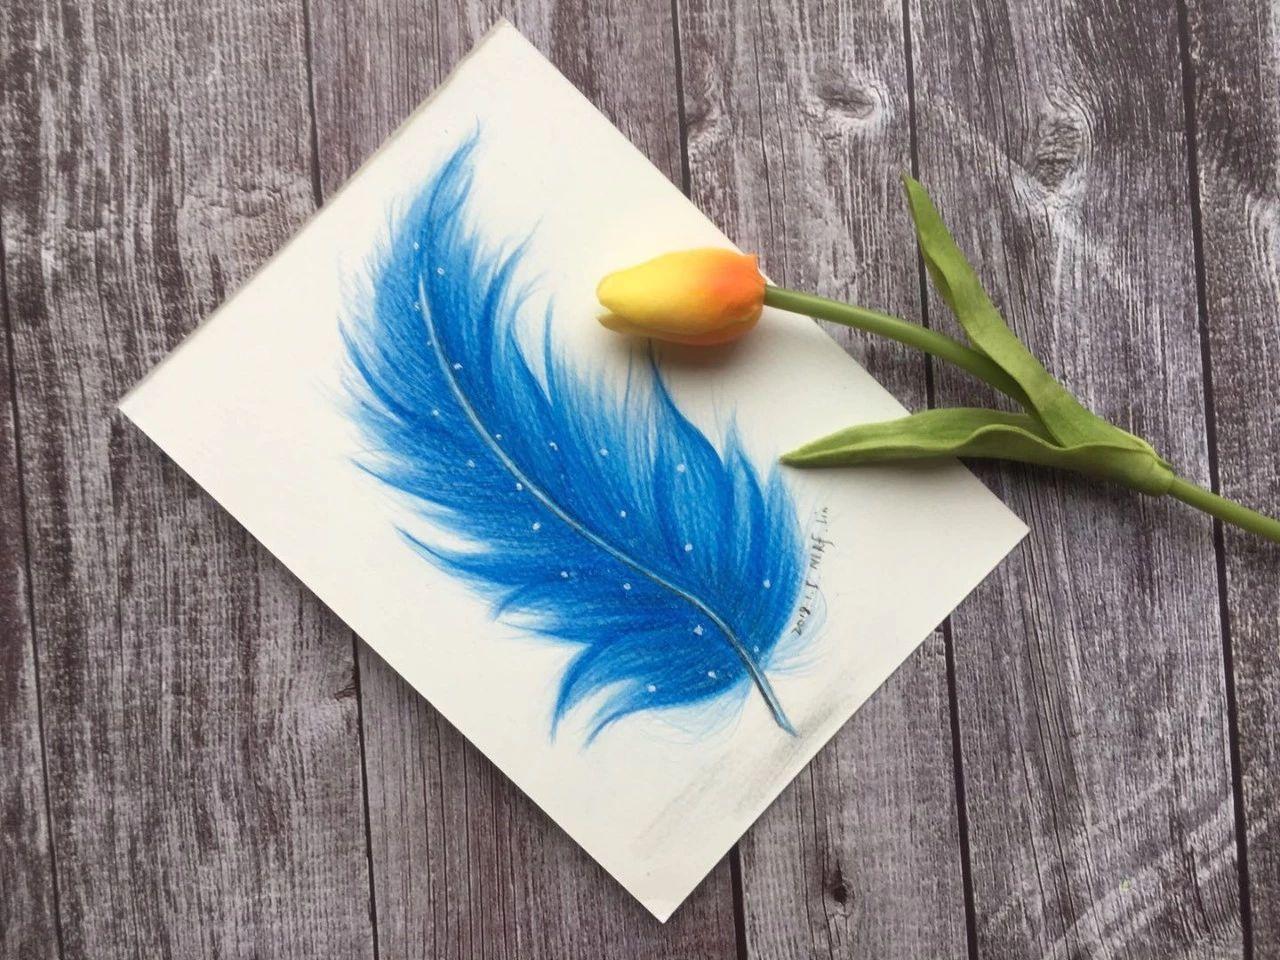 零基础绘画教程-彩铅《蓝色羽毛》